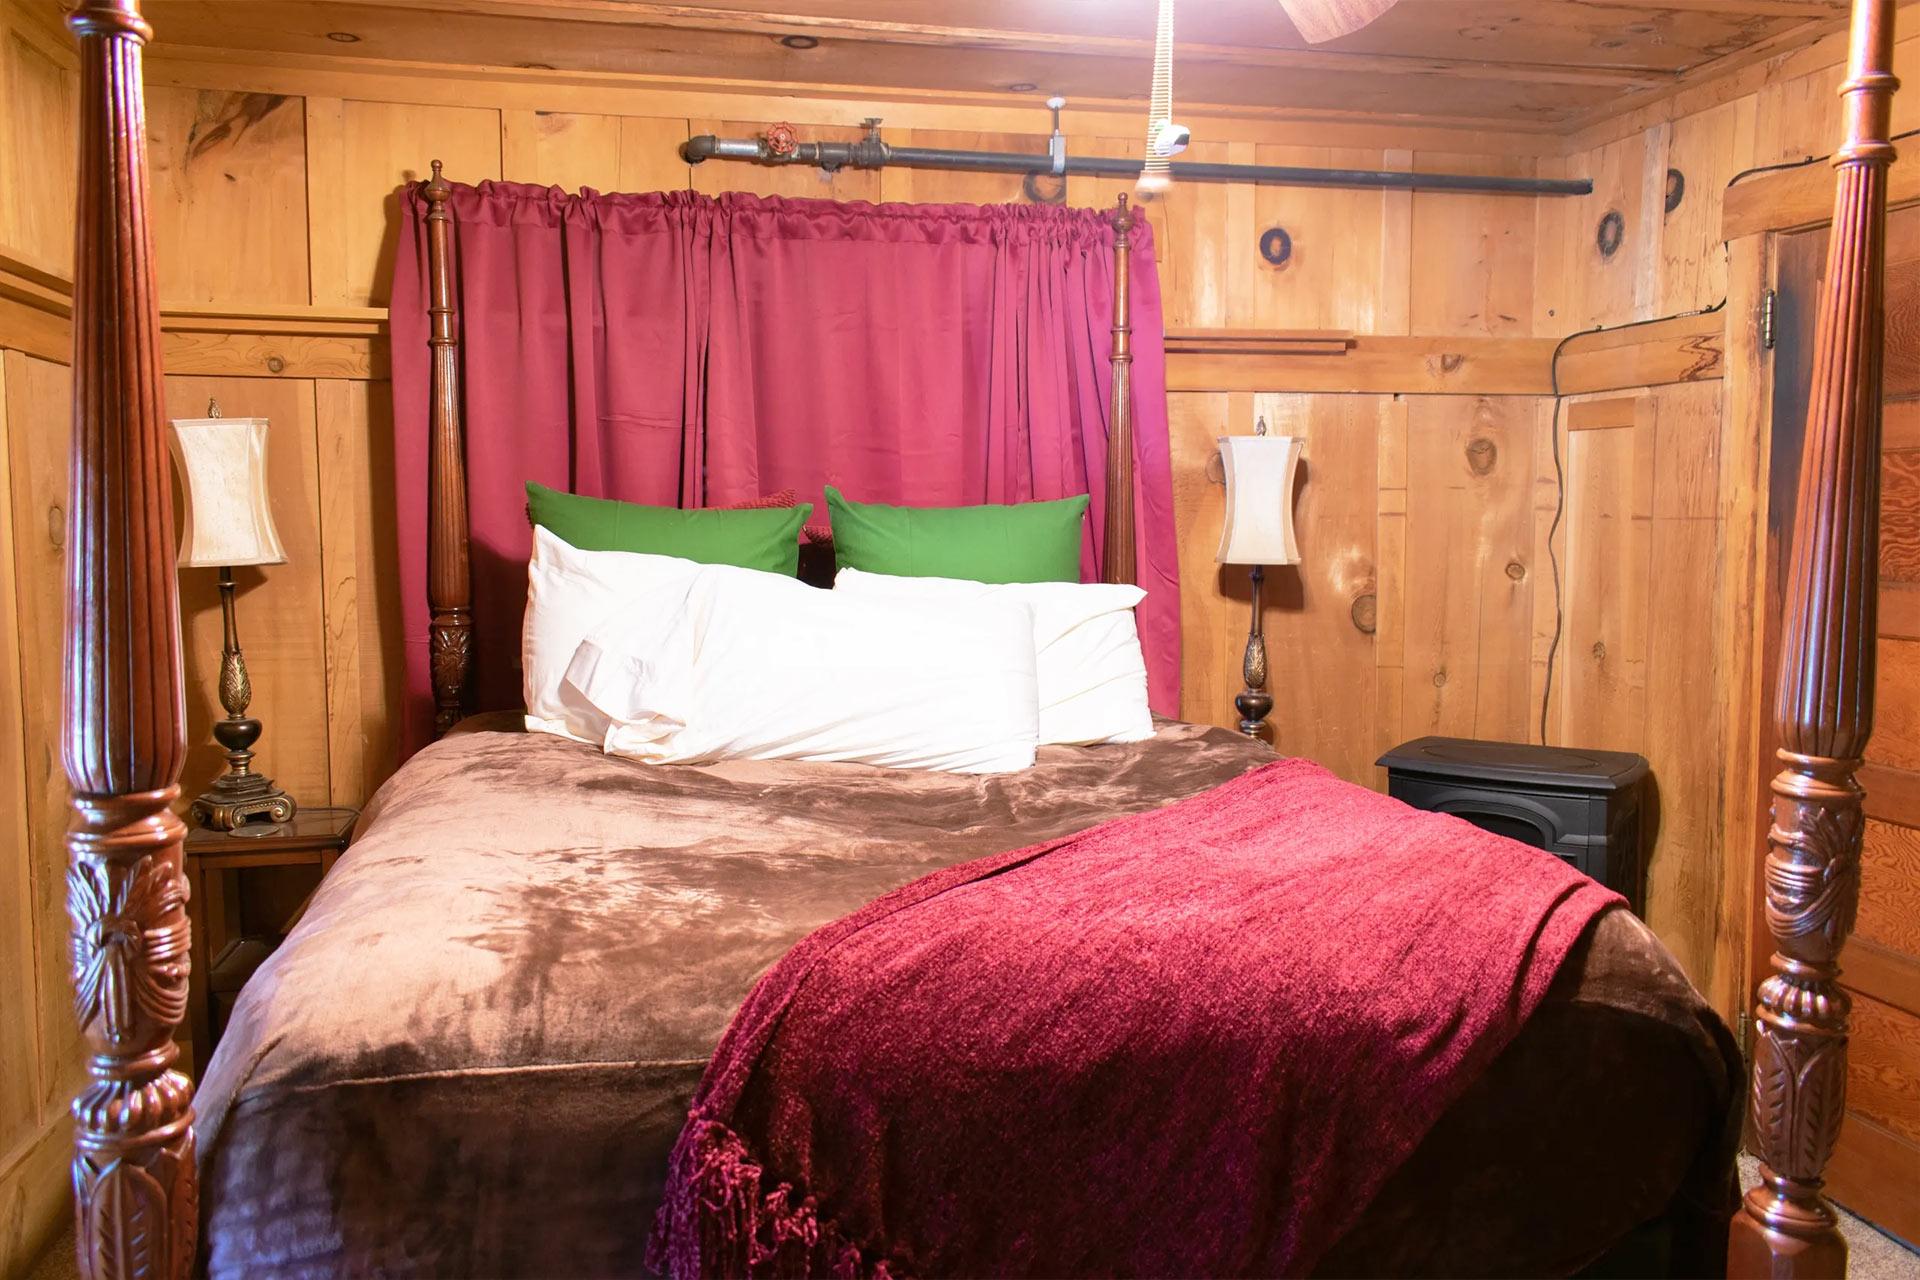 Master bedroom in the knickerbocker mansion